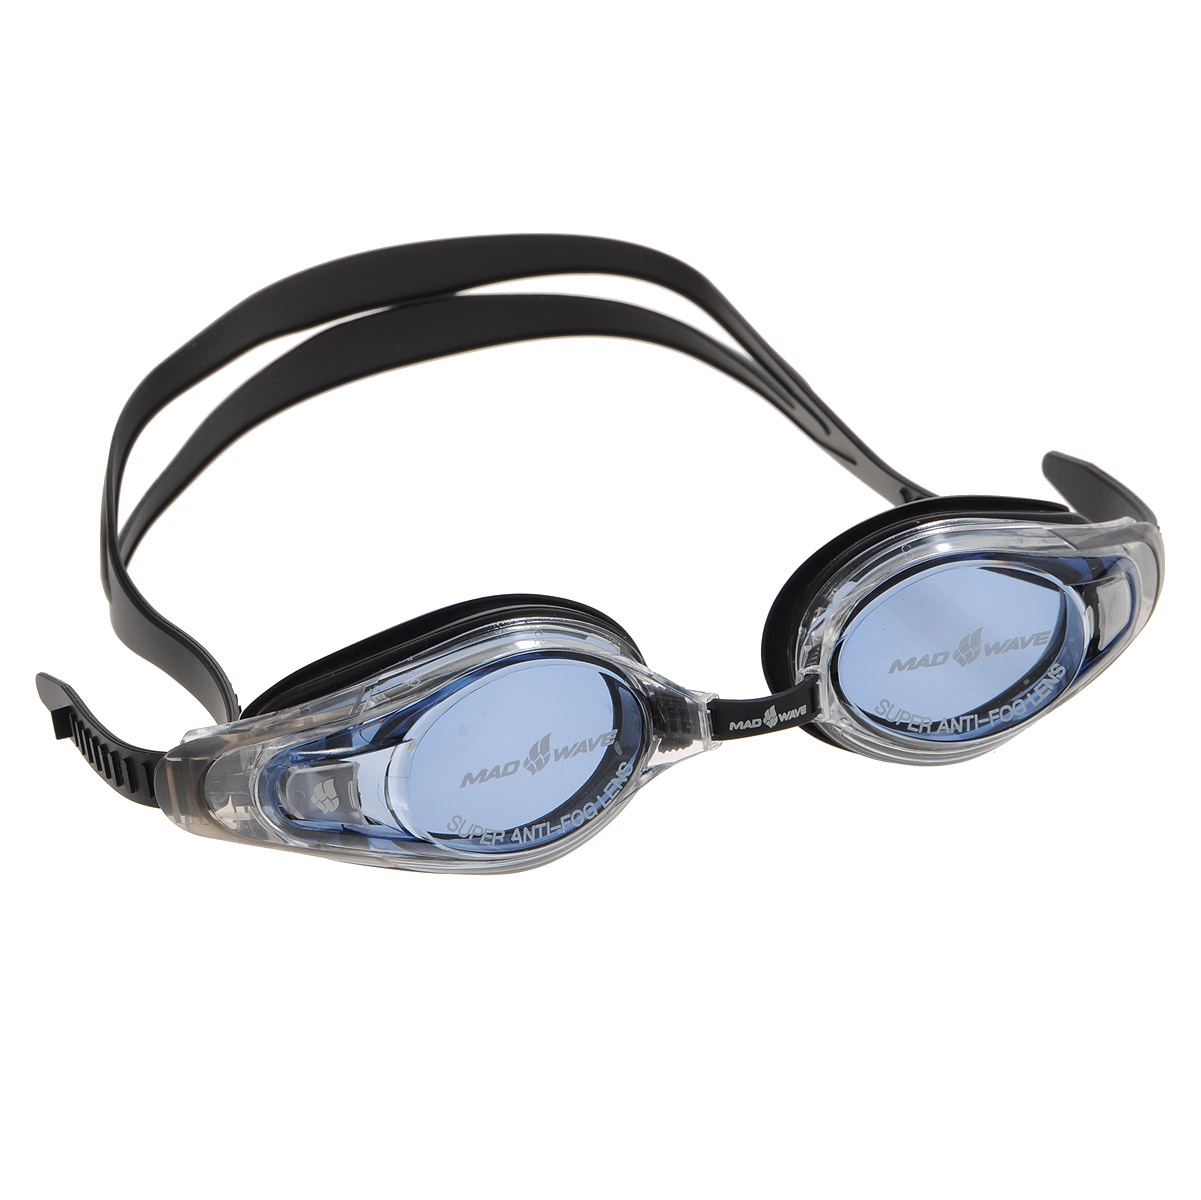 Очки для плавания с диоптриями Optic Envy Automatic, -4,0 Black, M0430 16 G 05W